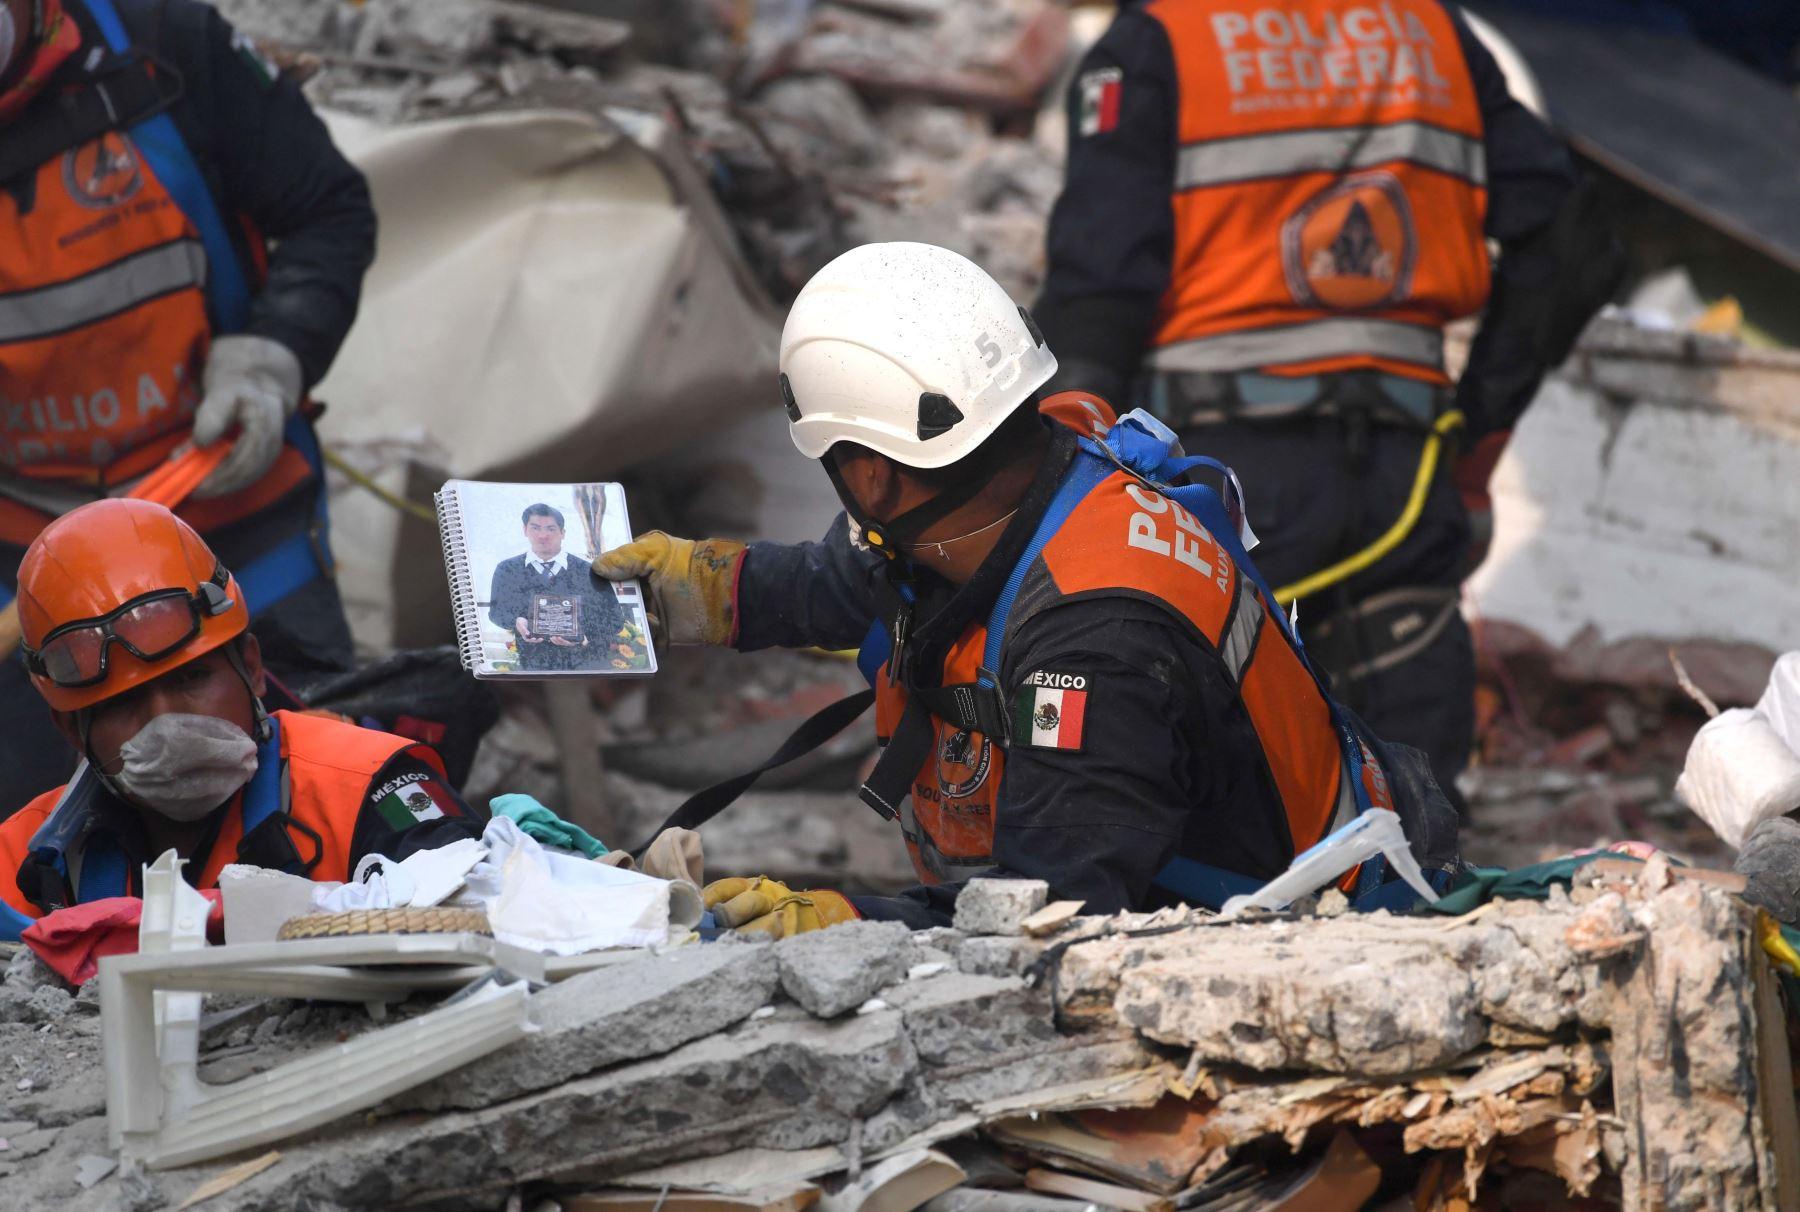 Un trabajador de rescate recupera objetos y pertenencias que pueden ayudar a identificar víctimas durante la búsqueda de sobrevivientes y cadáveres en la Ciudad de México.Foto:AFP